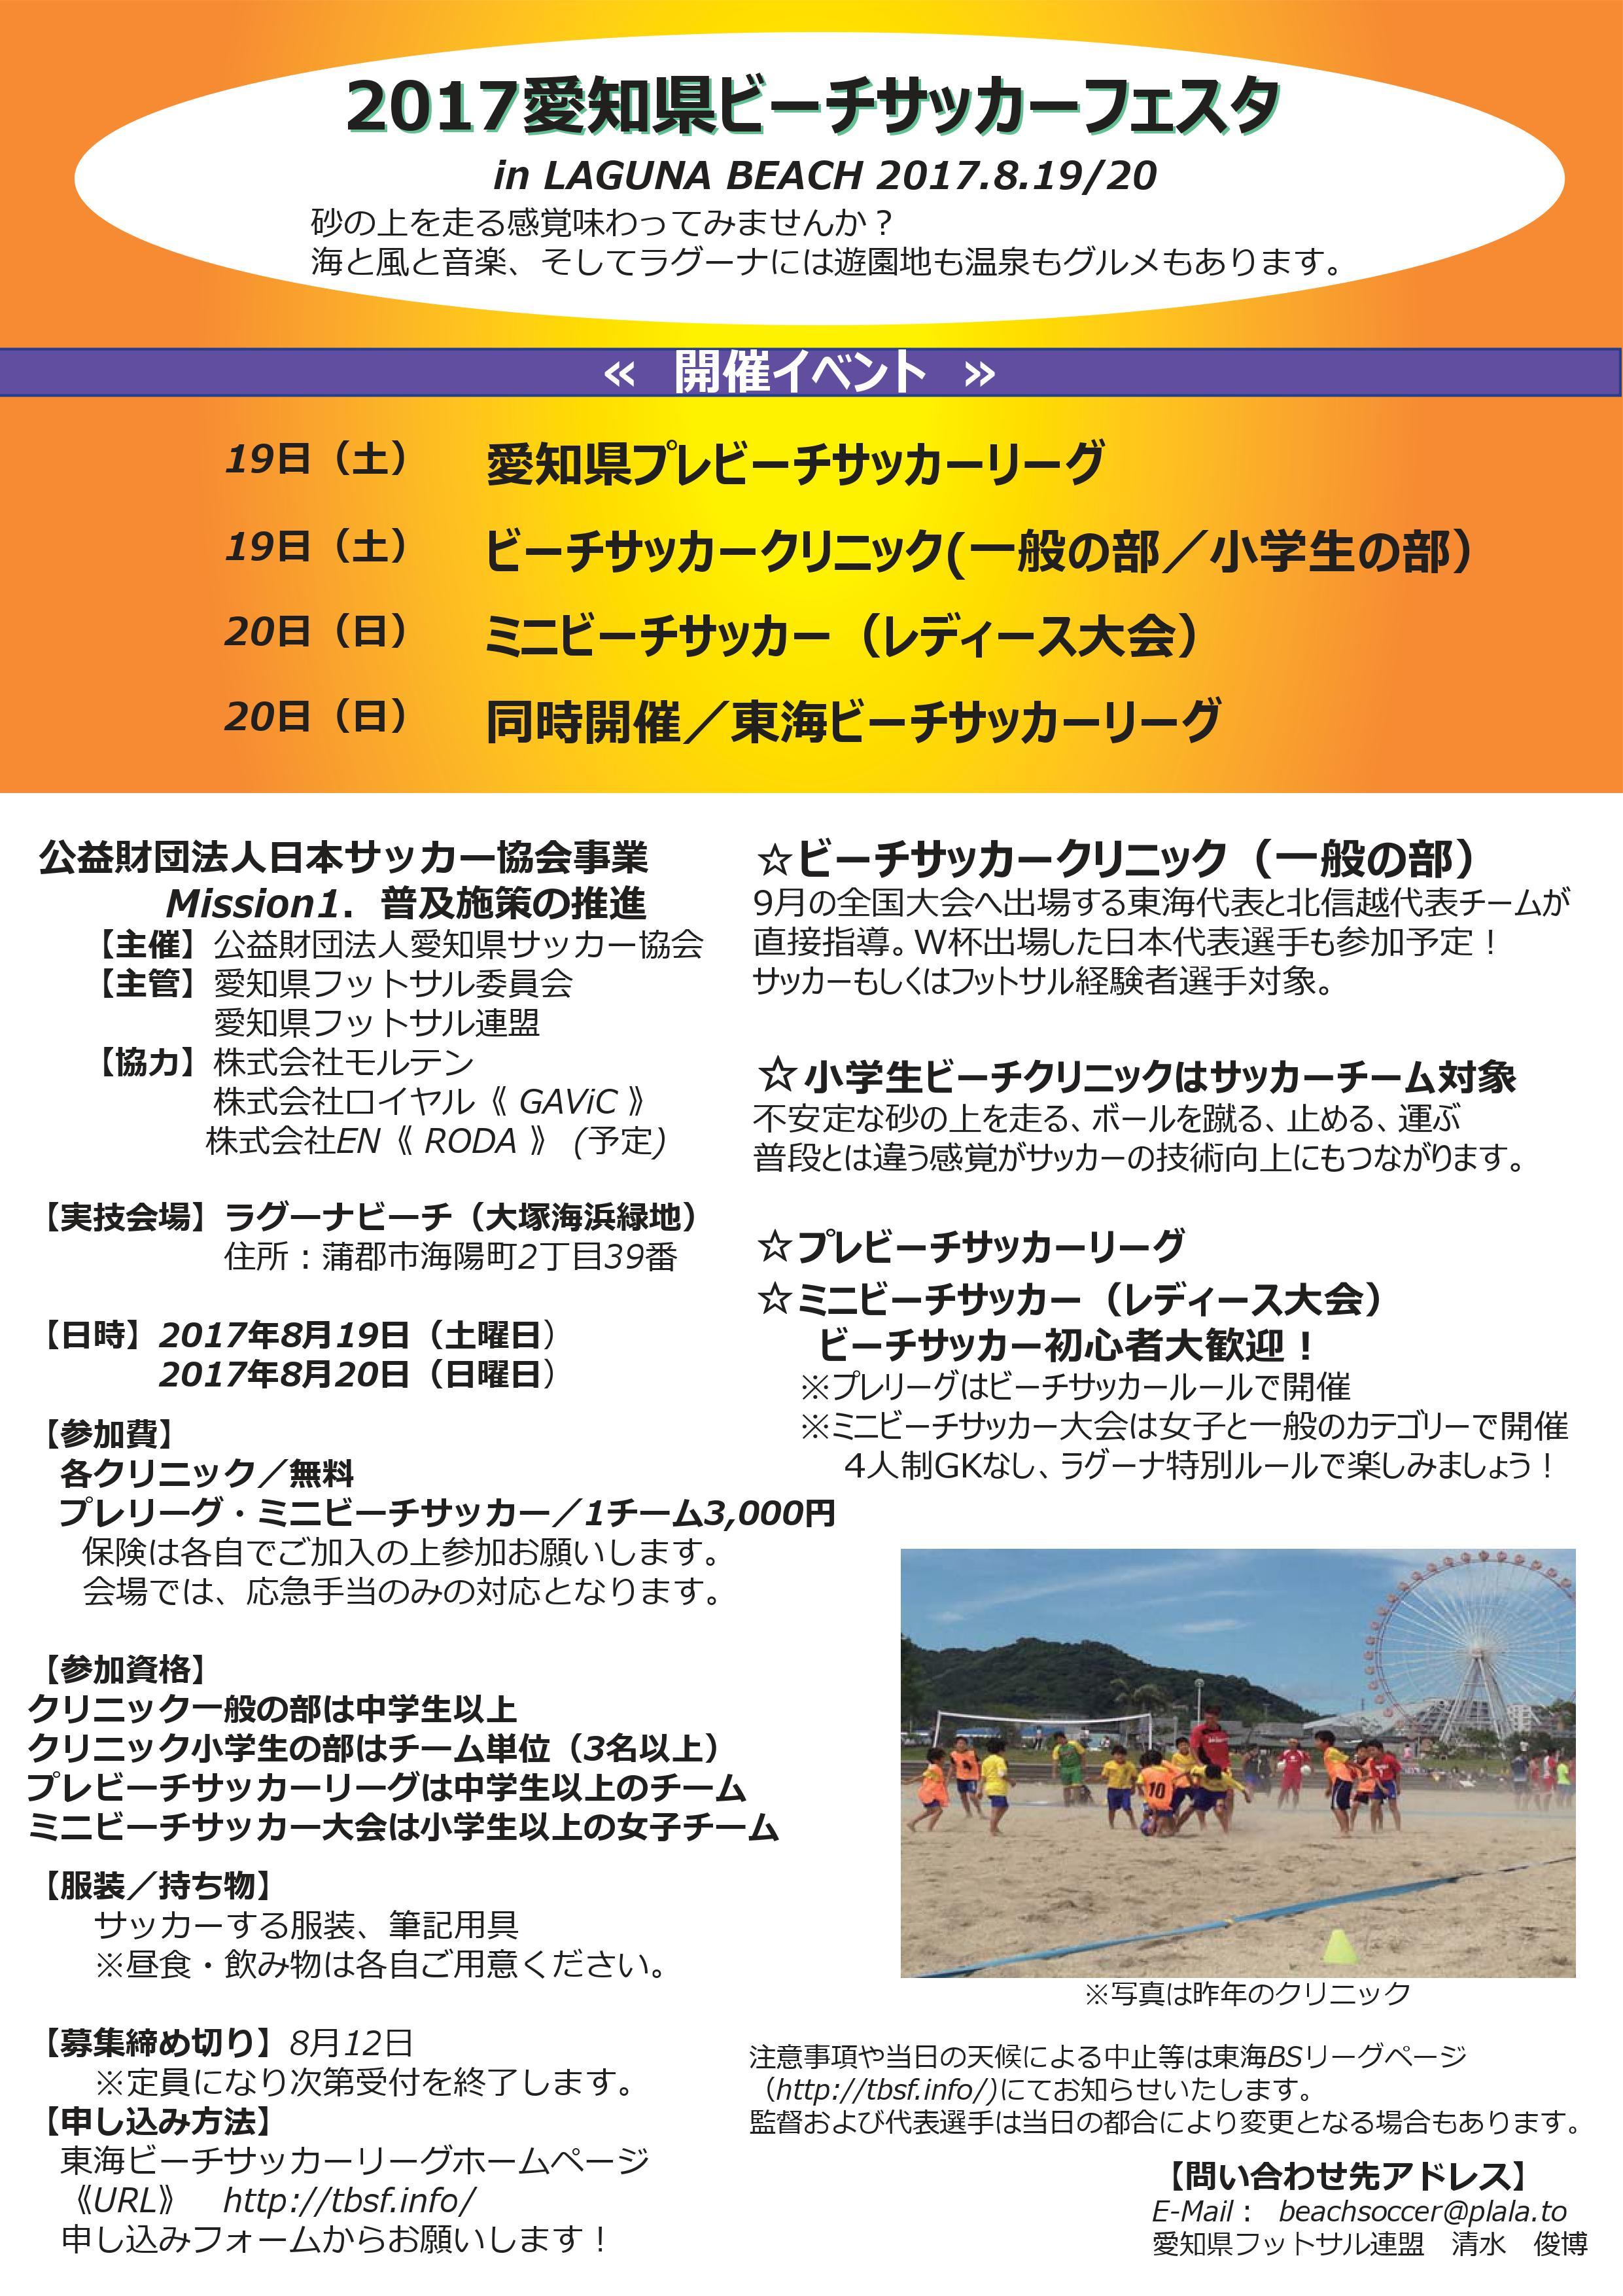 【お知らせ】2017愛知ビーチサッカーフェスタ 開催!